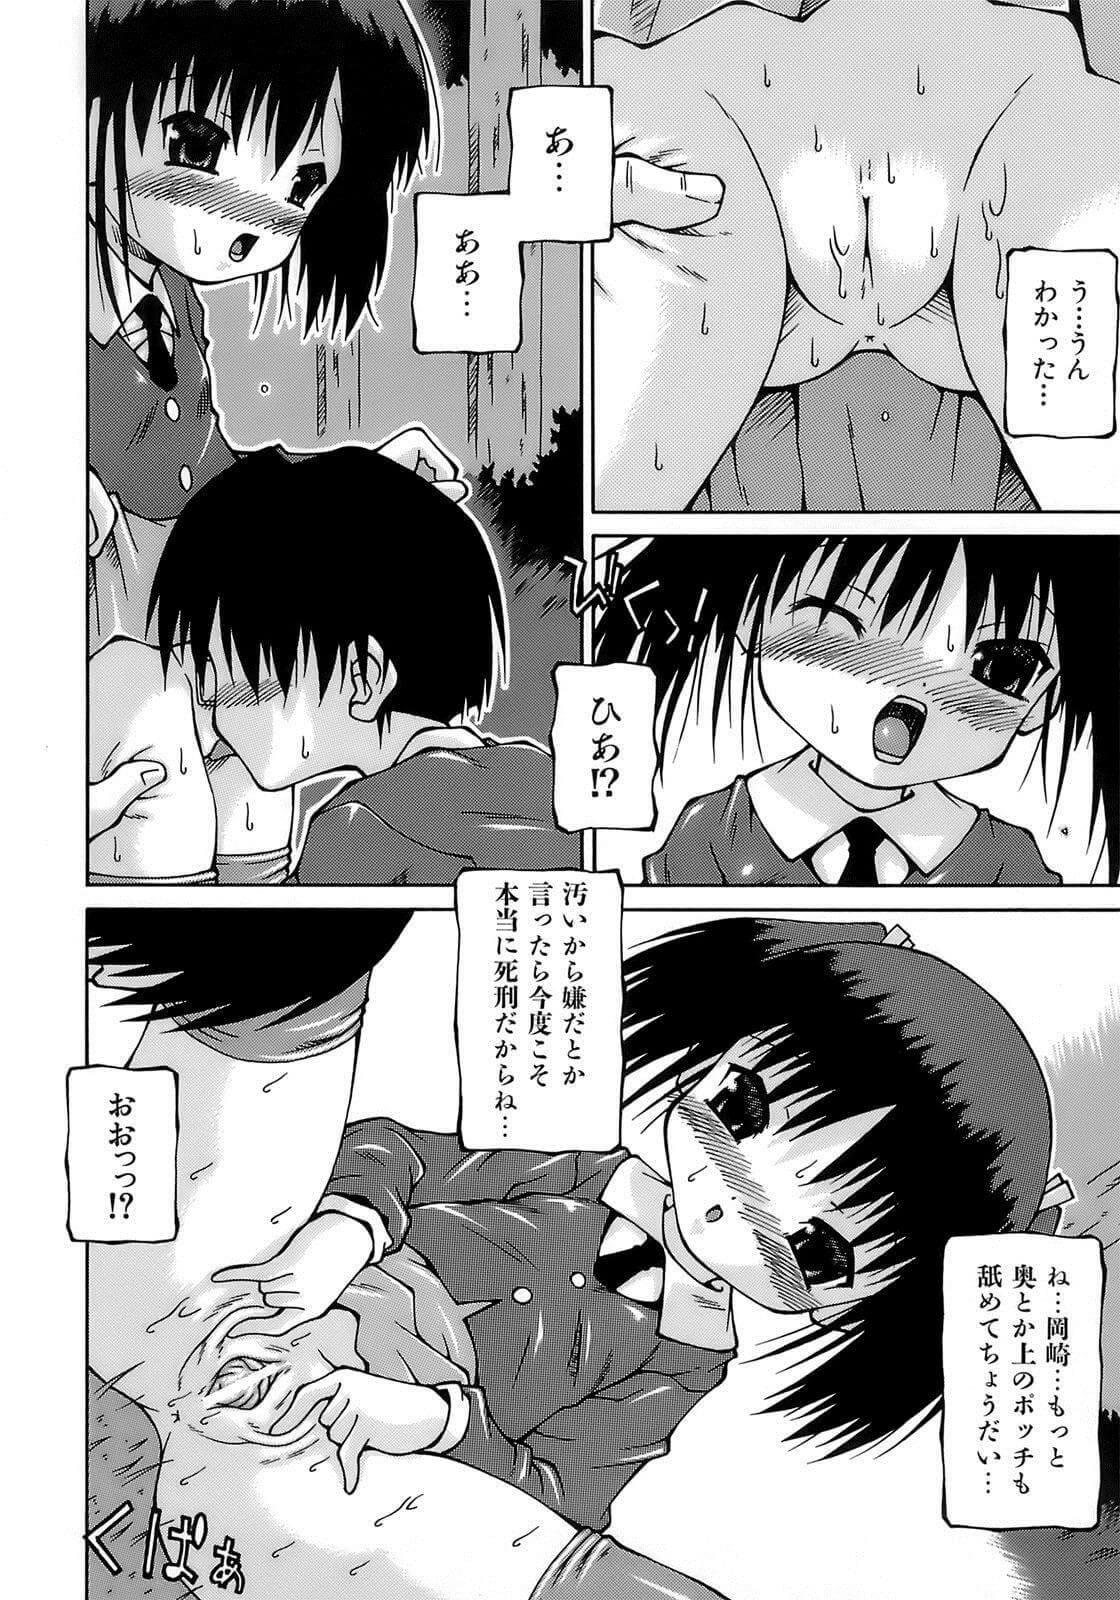 【エロ漫画】JCのツンデレ委員長が帰りにおしっこしたくなってチラ見してたら舐めさせられて…!【無料 エロ同人】 (10)